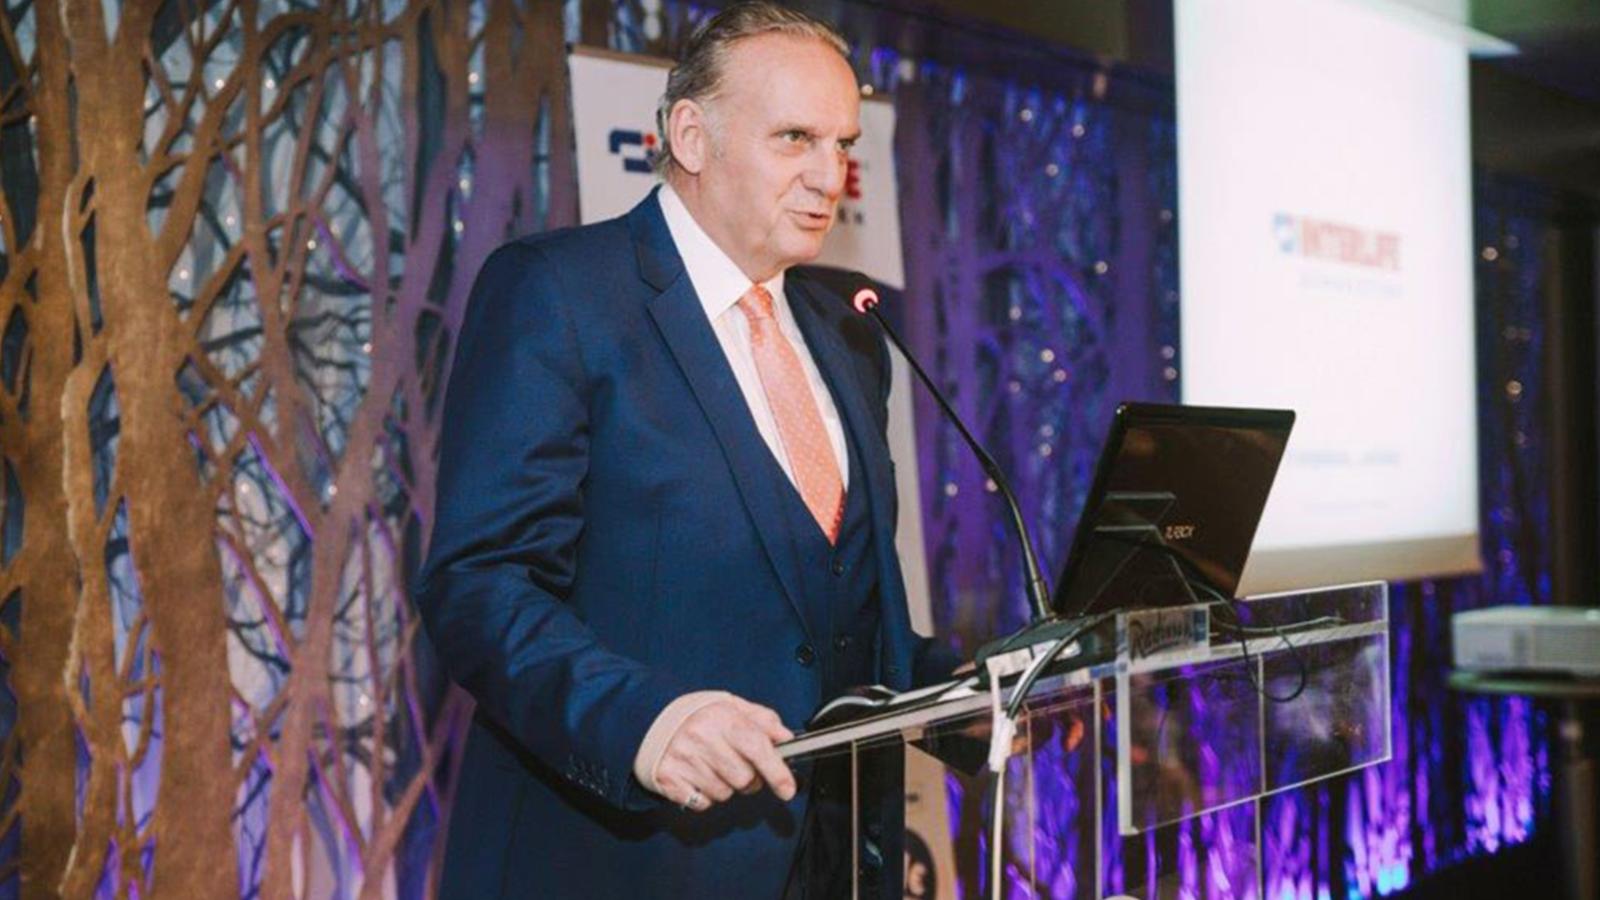 Ι. Βοτσαρίδης: Καθοριστικός ο ρόλος των Ασφαλίσεων την Επόμενη Μέρα